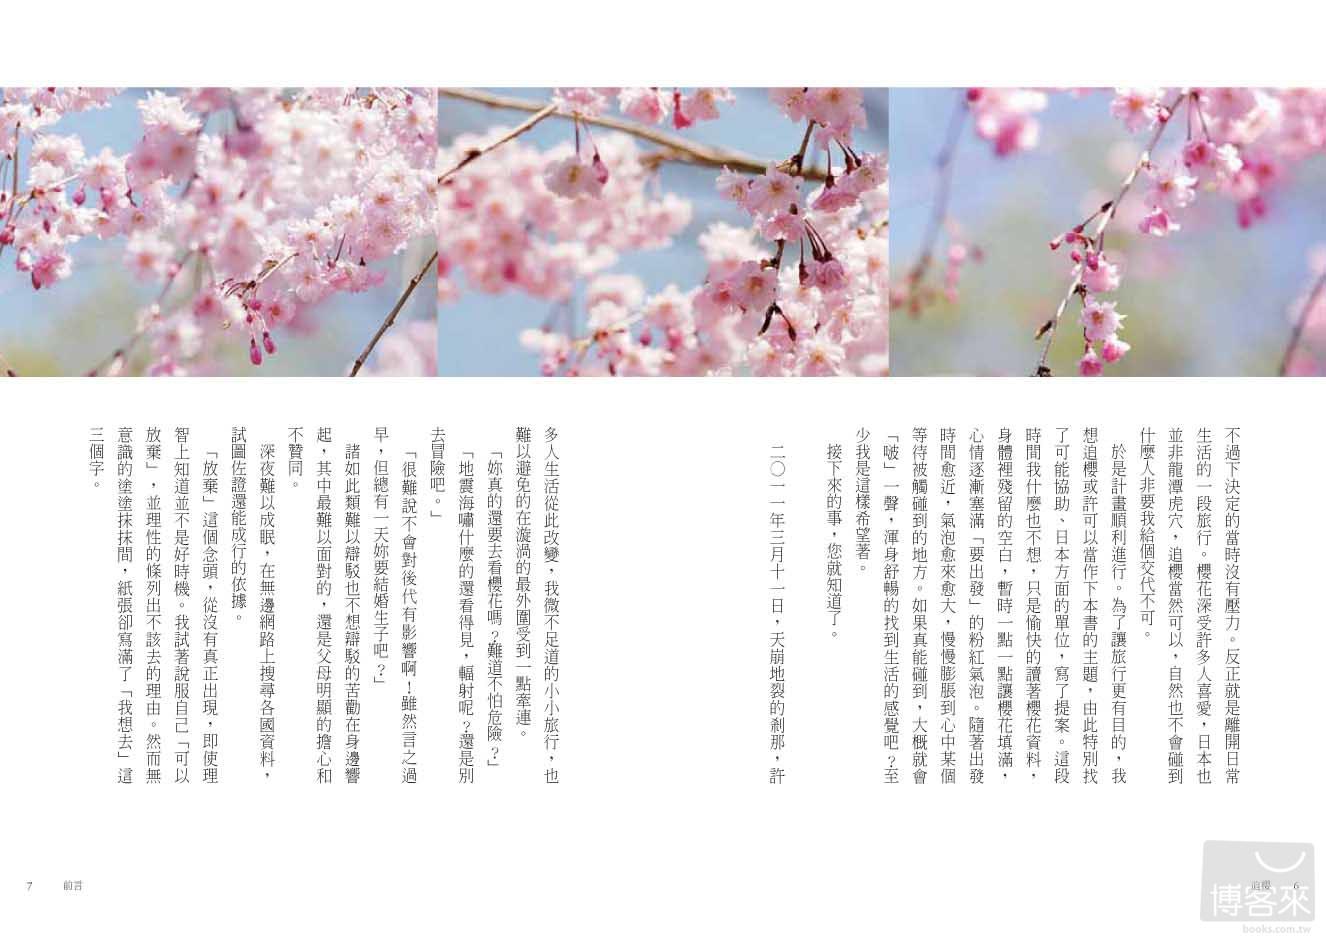 http://im1.book.com.tw/image/getImage?i=http://www.books.com.tw/img/001/057/41/0010574117_b_06.jpg&v=510a4853&w=655&h=609